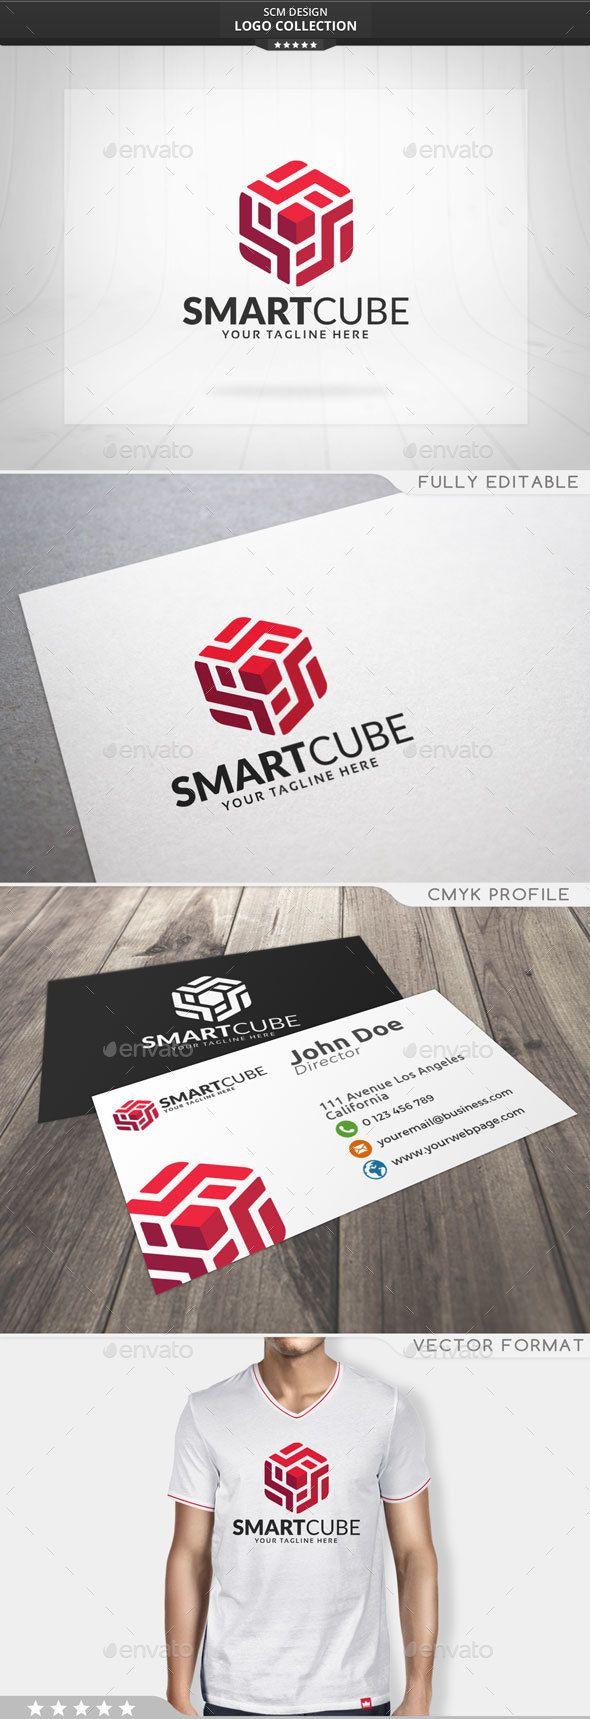 Smart Cube Logo 94 best Design images